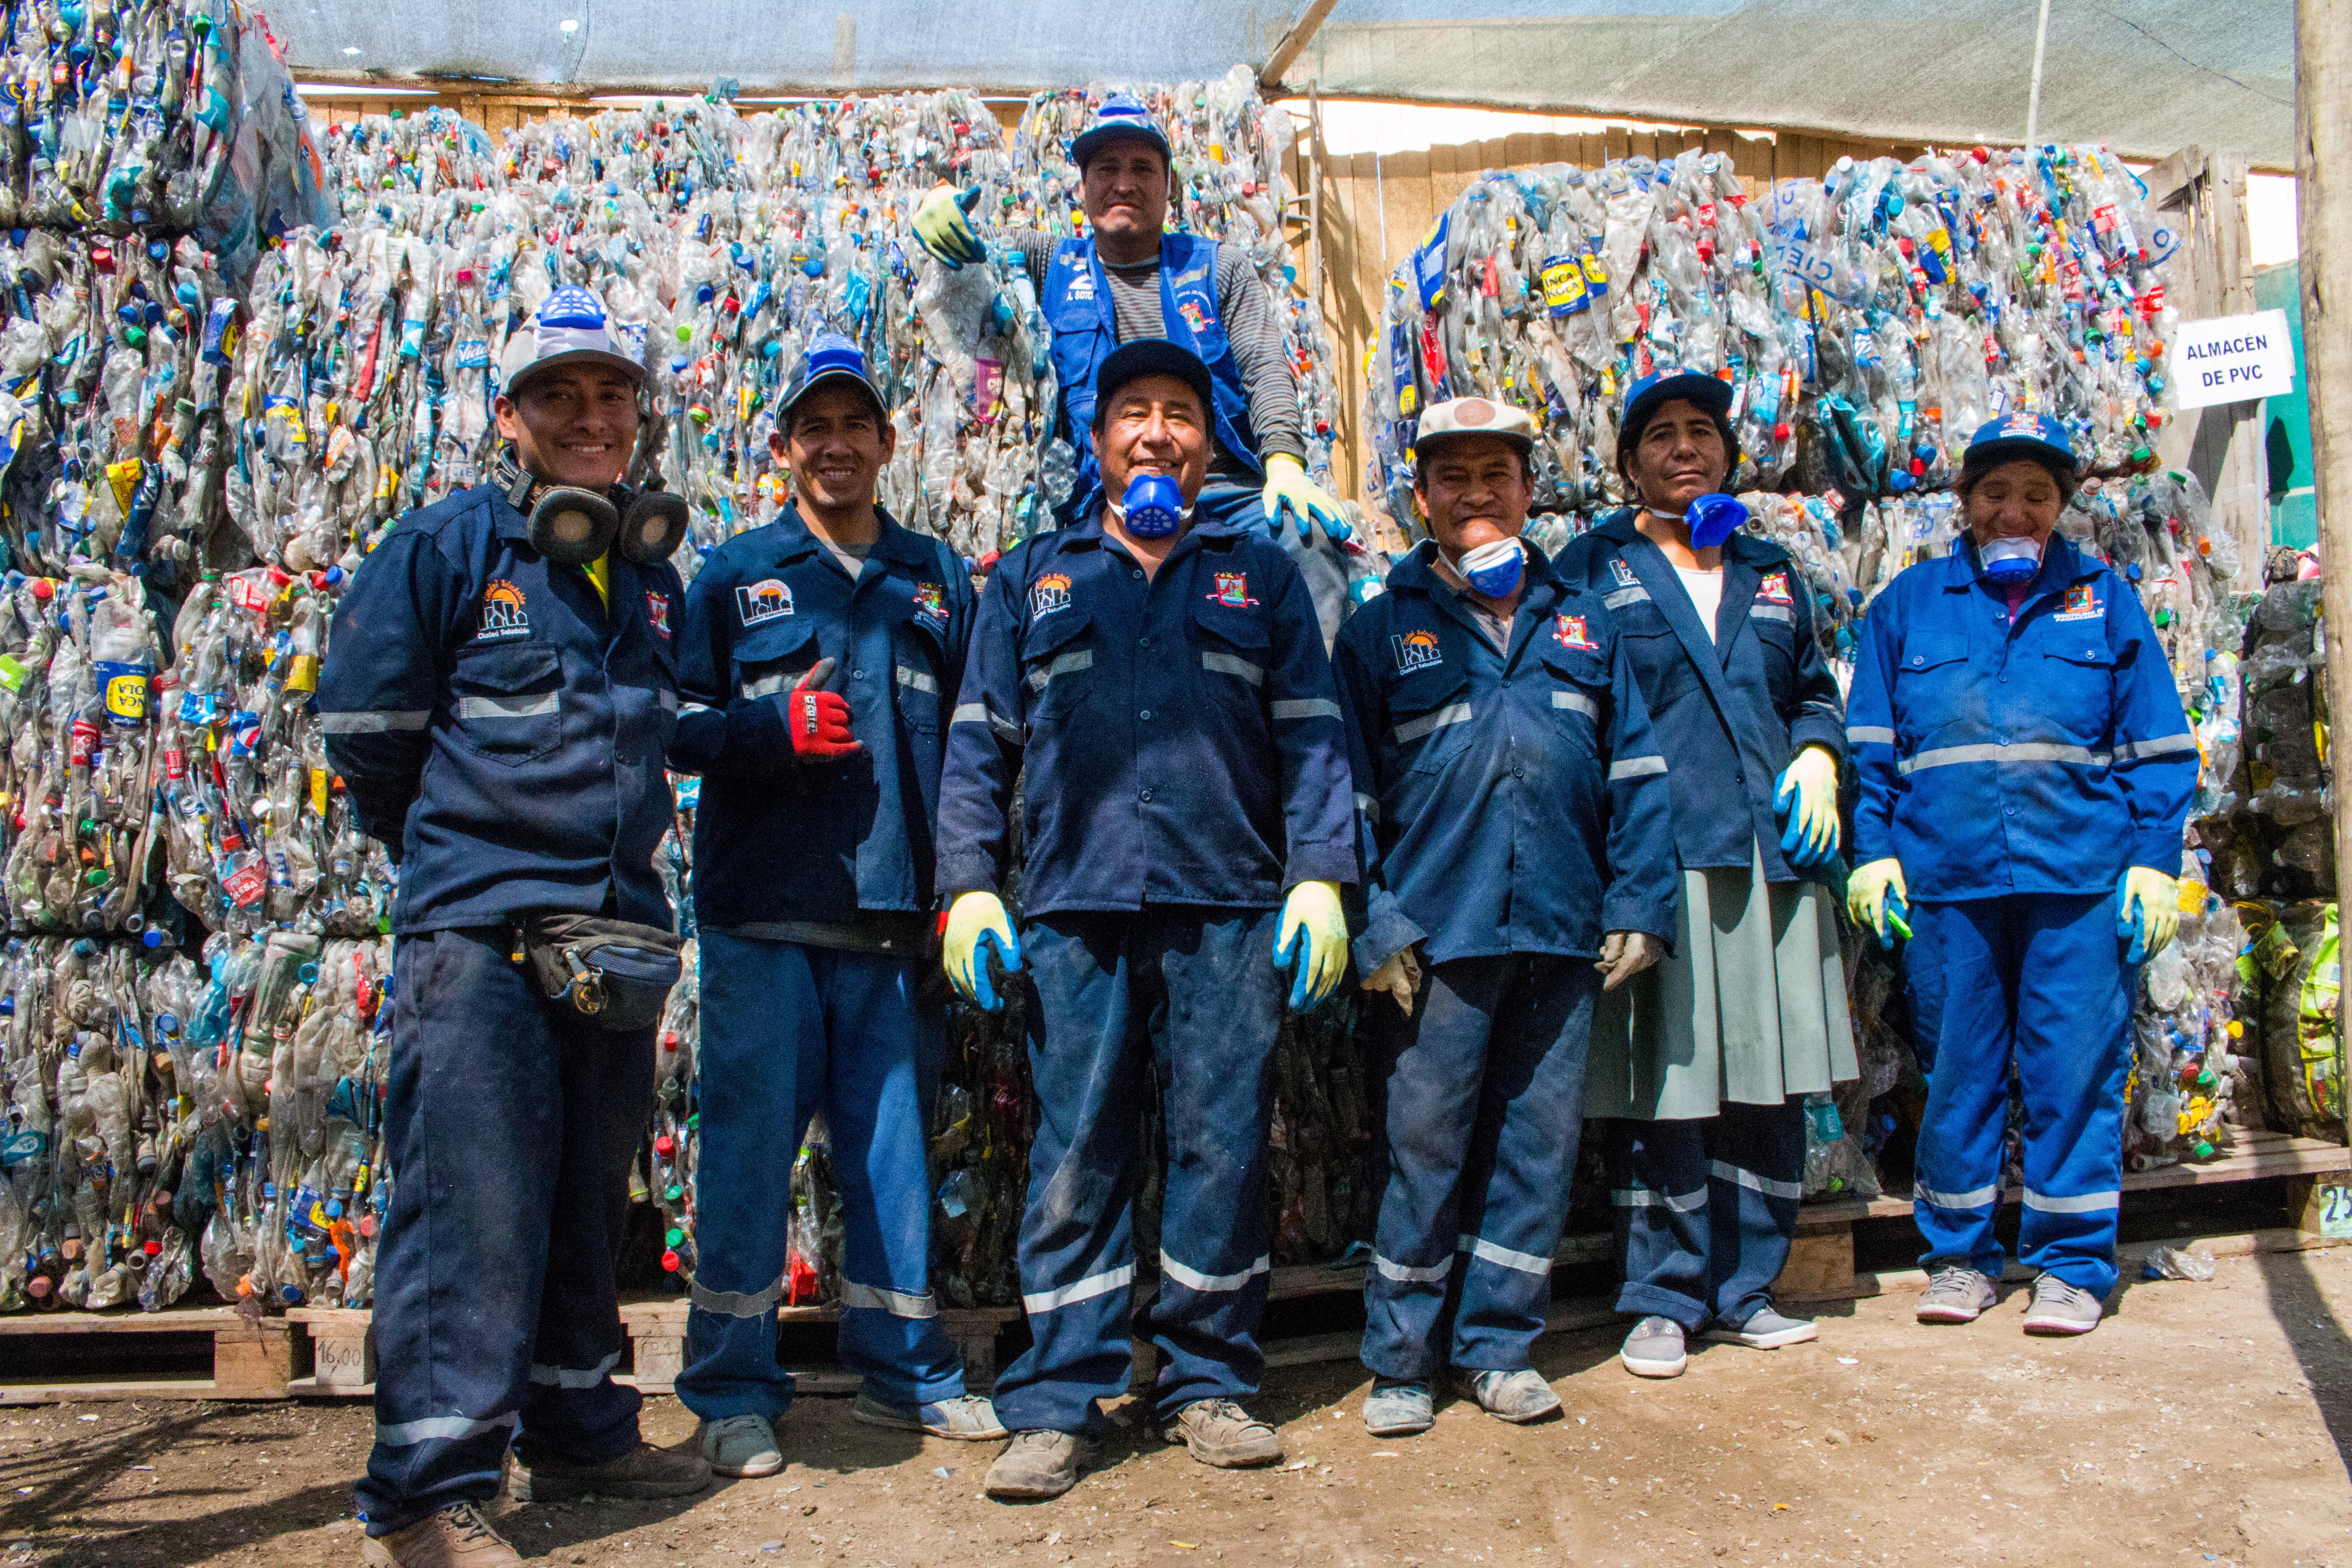 Reciclaje Inclusivo